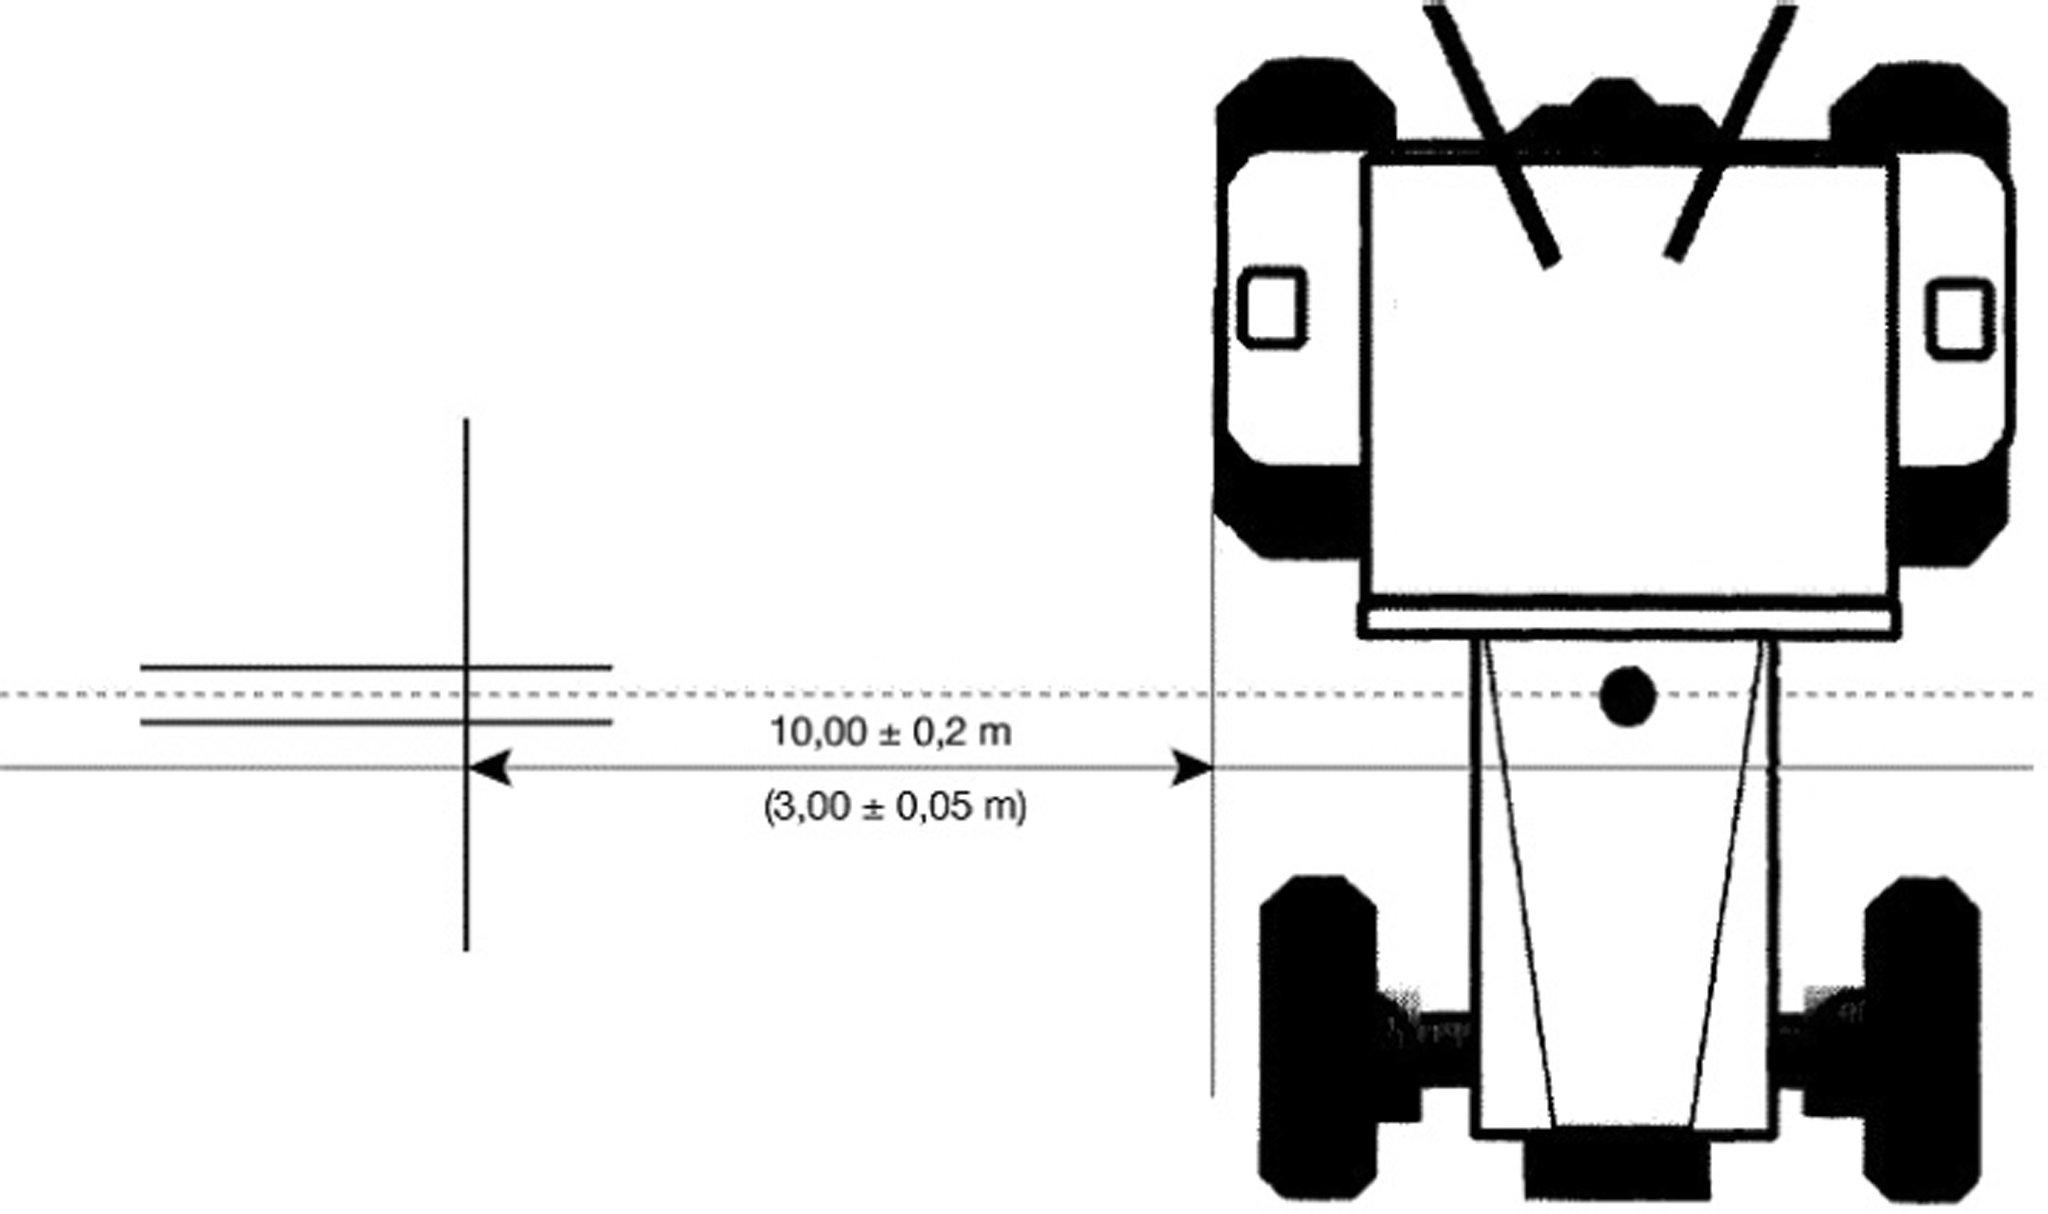 Eur Lex 02015r0208 20161014 En 2001 Mercedes Benz E 430 Fuse Box Designation Image